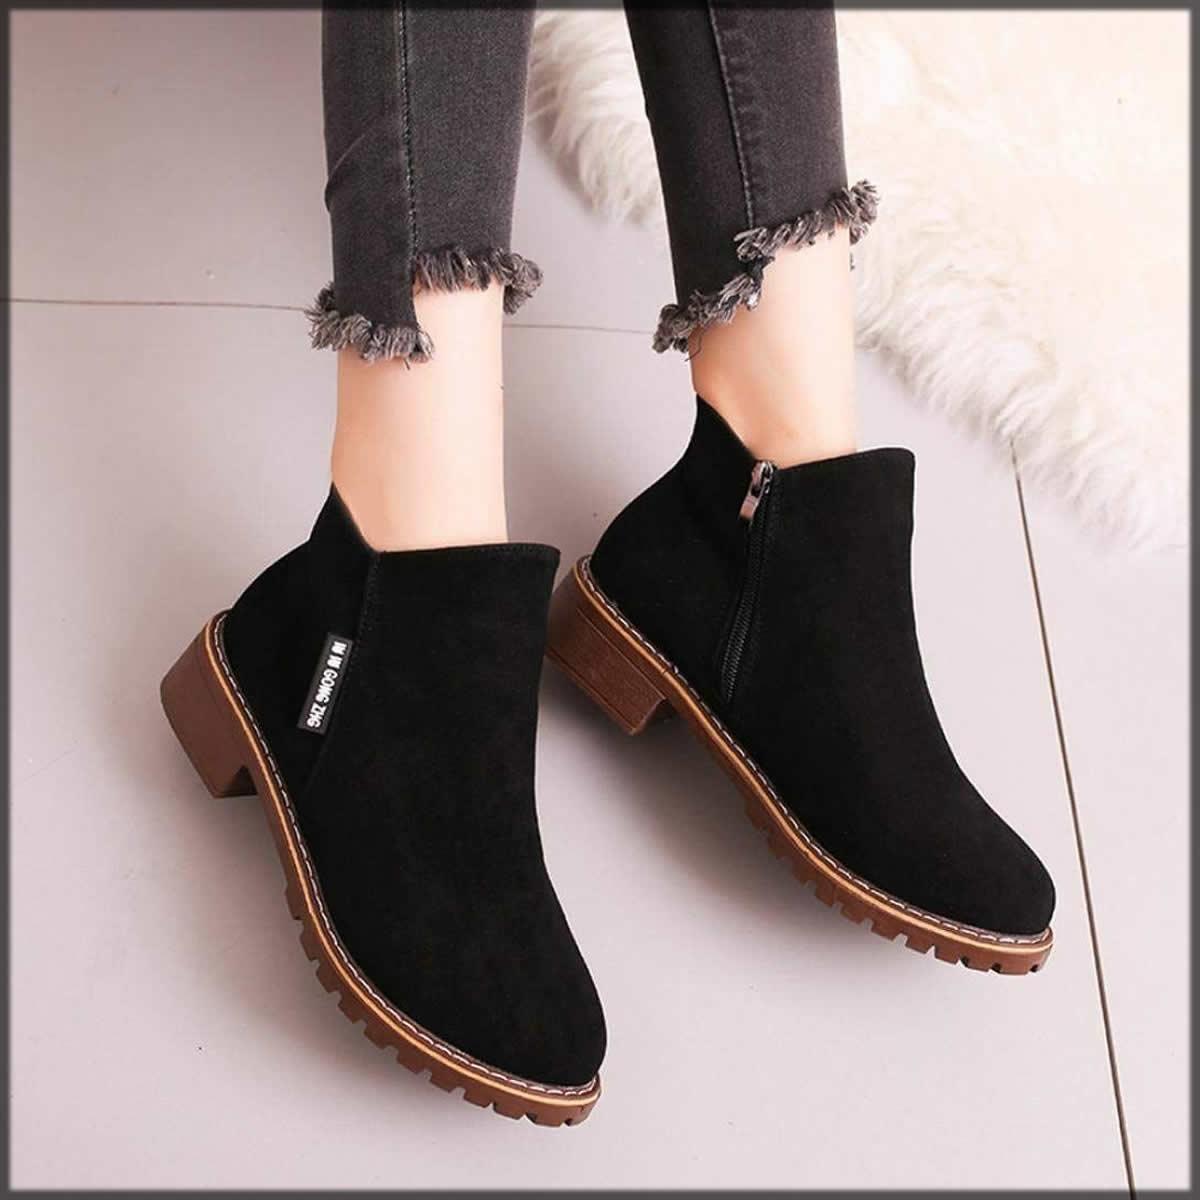 hemlock shoes